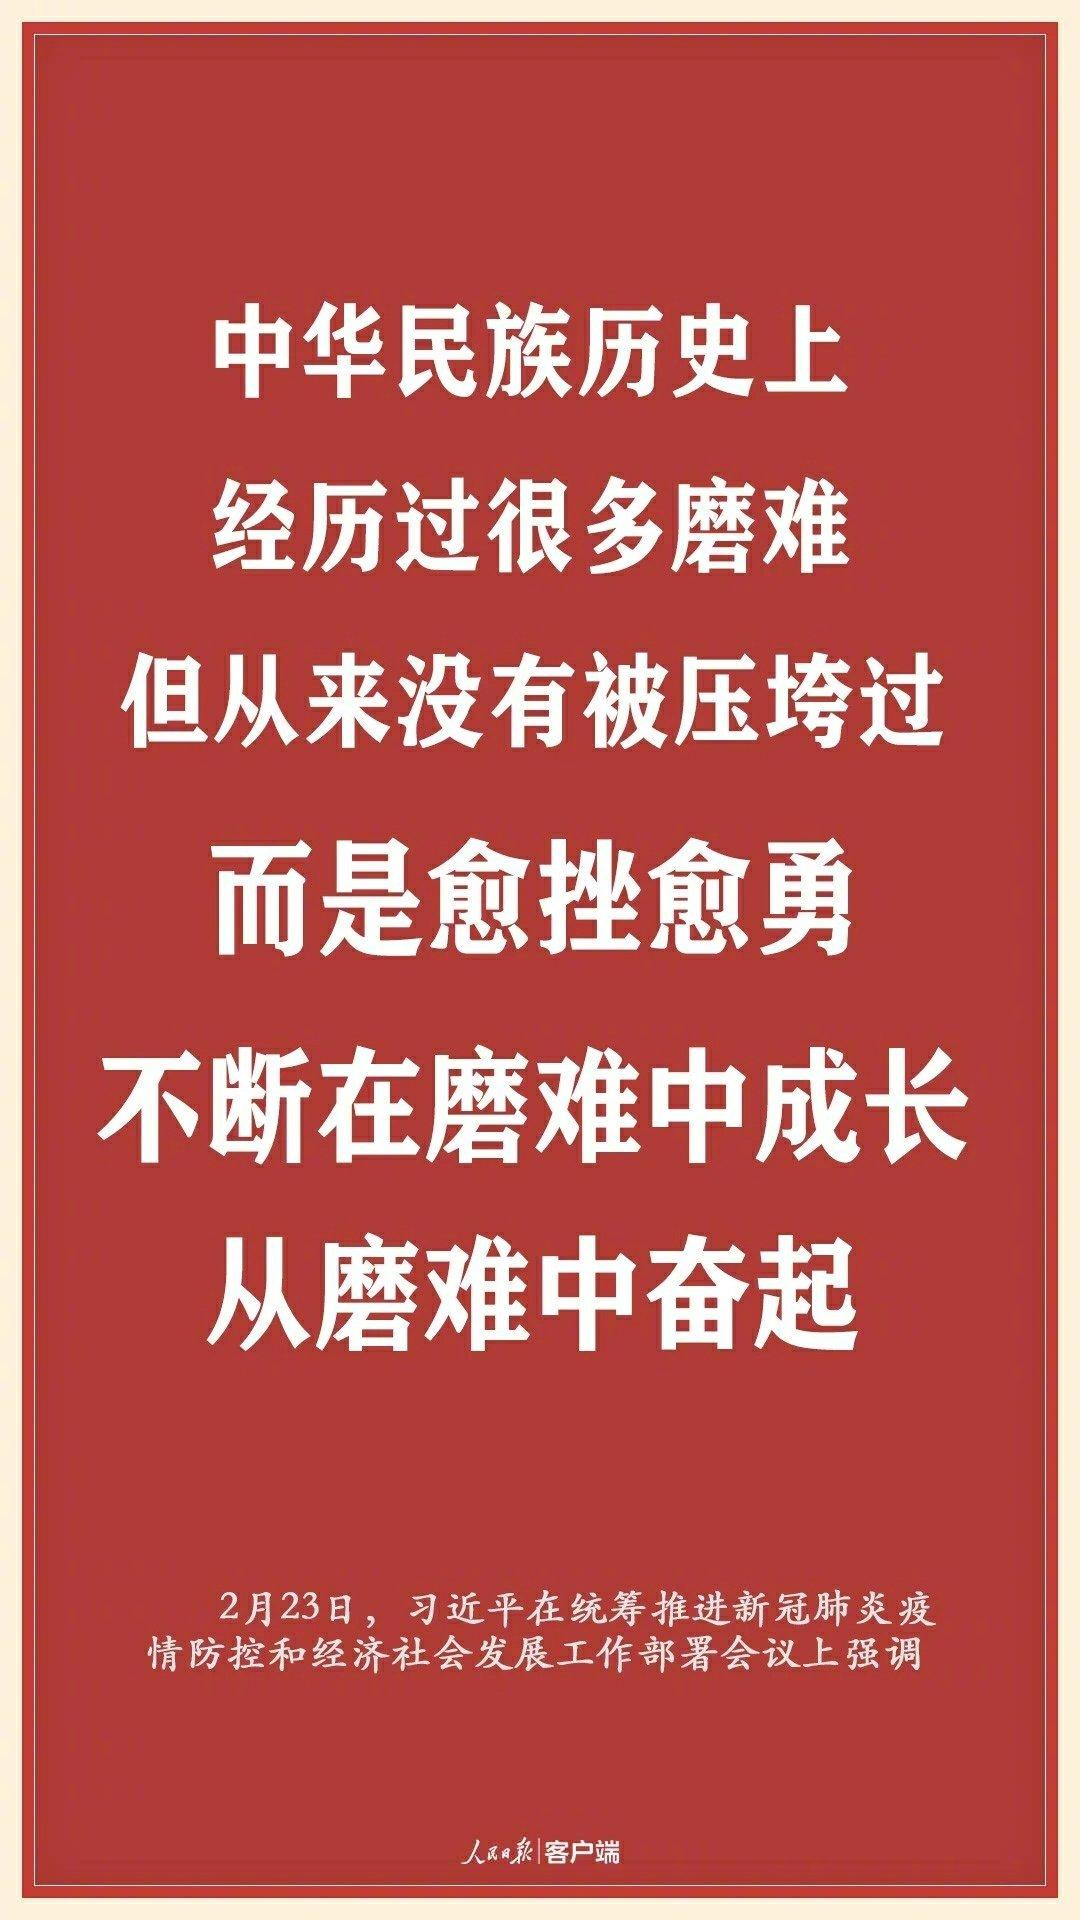 习近平:中华民族从来没有被压垮过